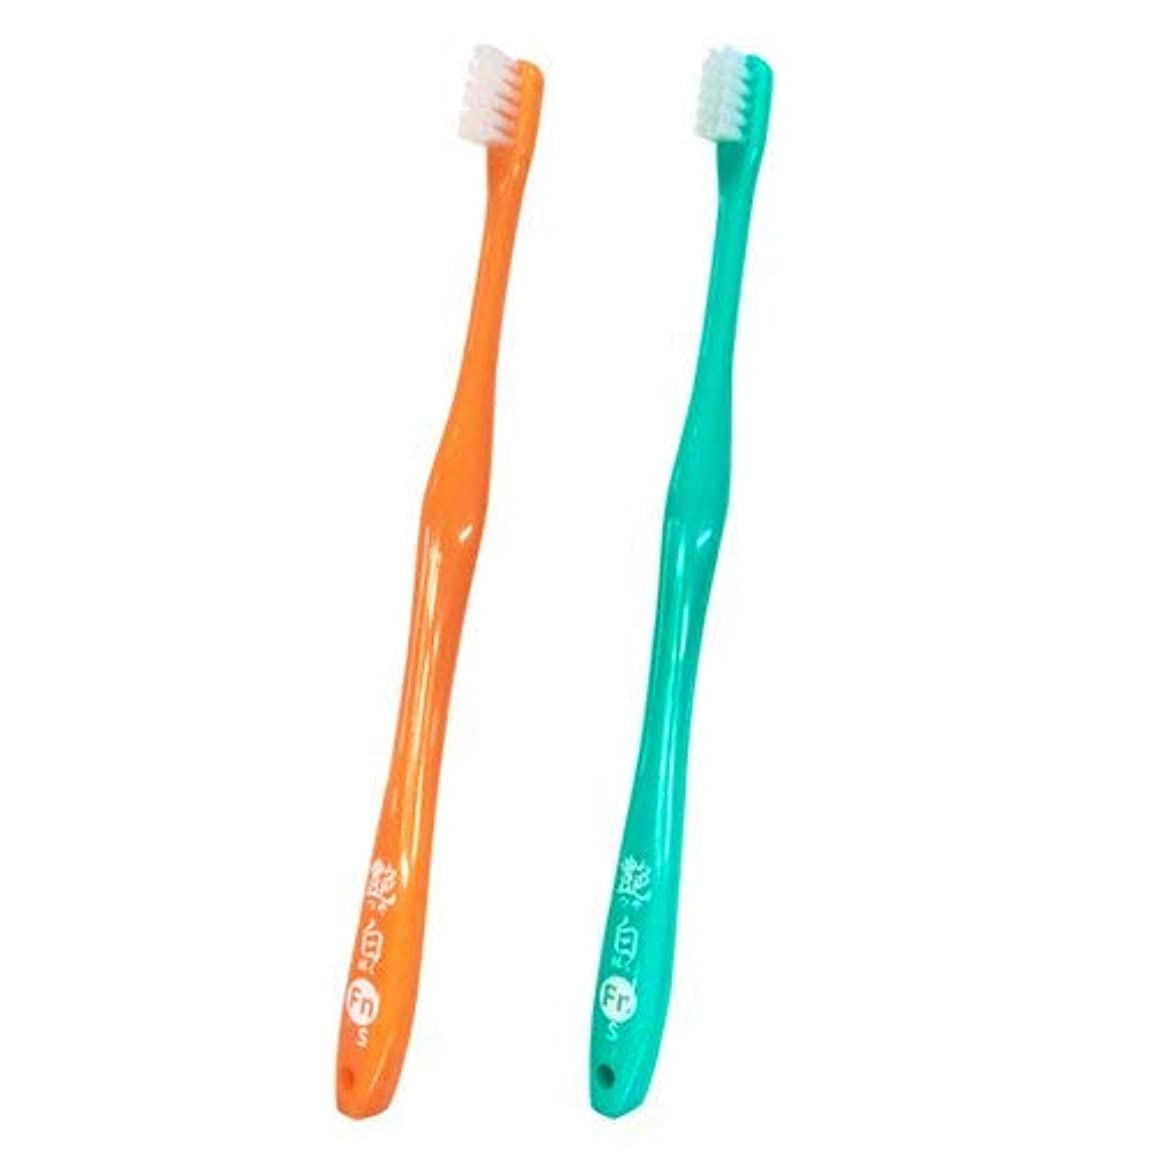 変動する曖昧な確認する艶白(つやはく) Fn フィニッシュ 仕上げ用 歯ブラシ×10本(MS)【日本製】